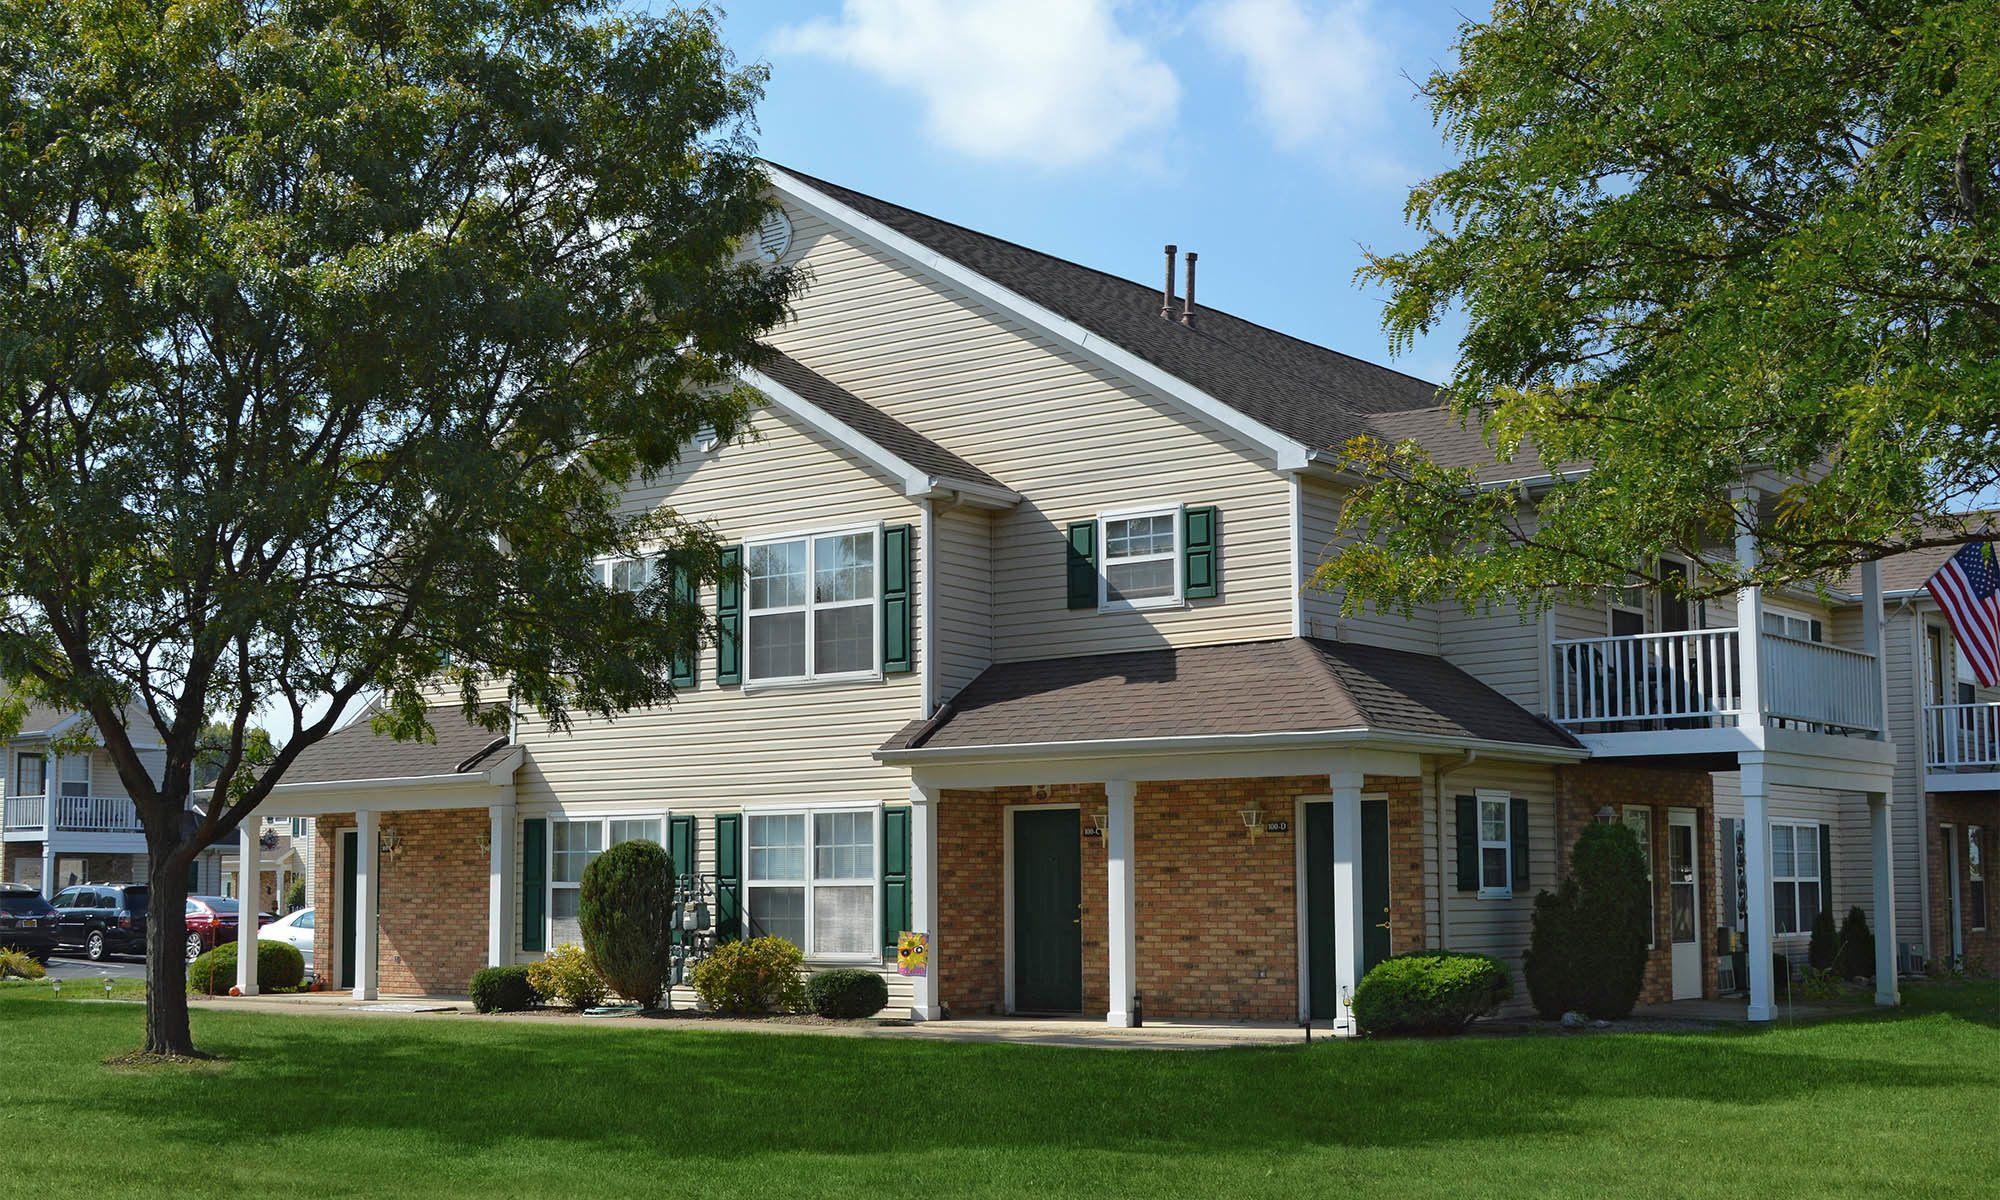 Gates rochester ny apartments for rent westview commons apartments for 2 bedroom apartments rochester ny